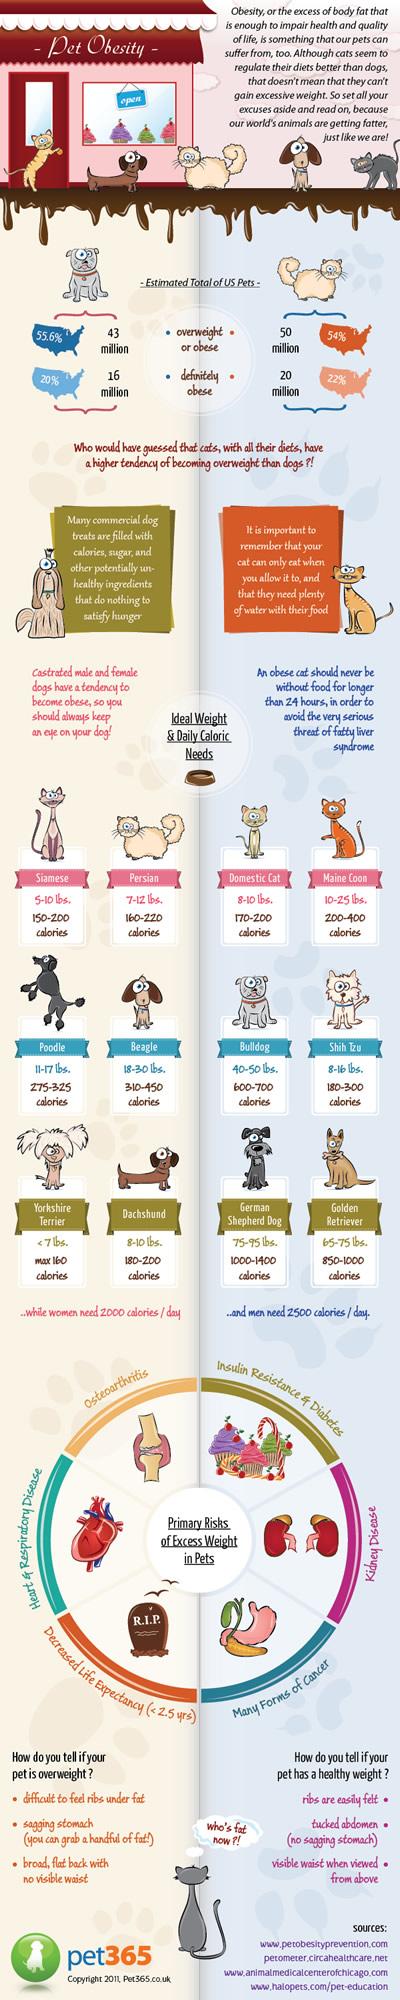 Pet-obesity-infographic